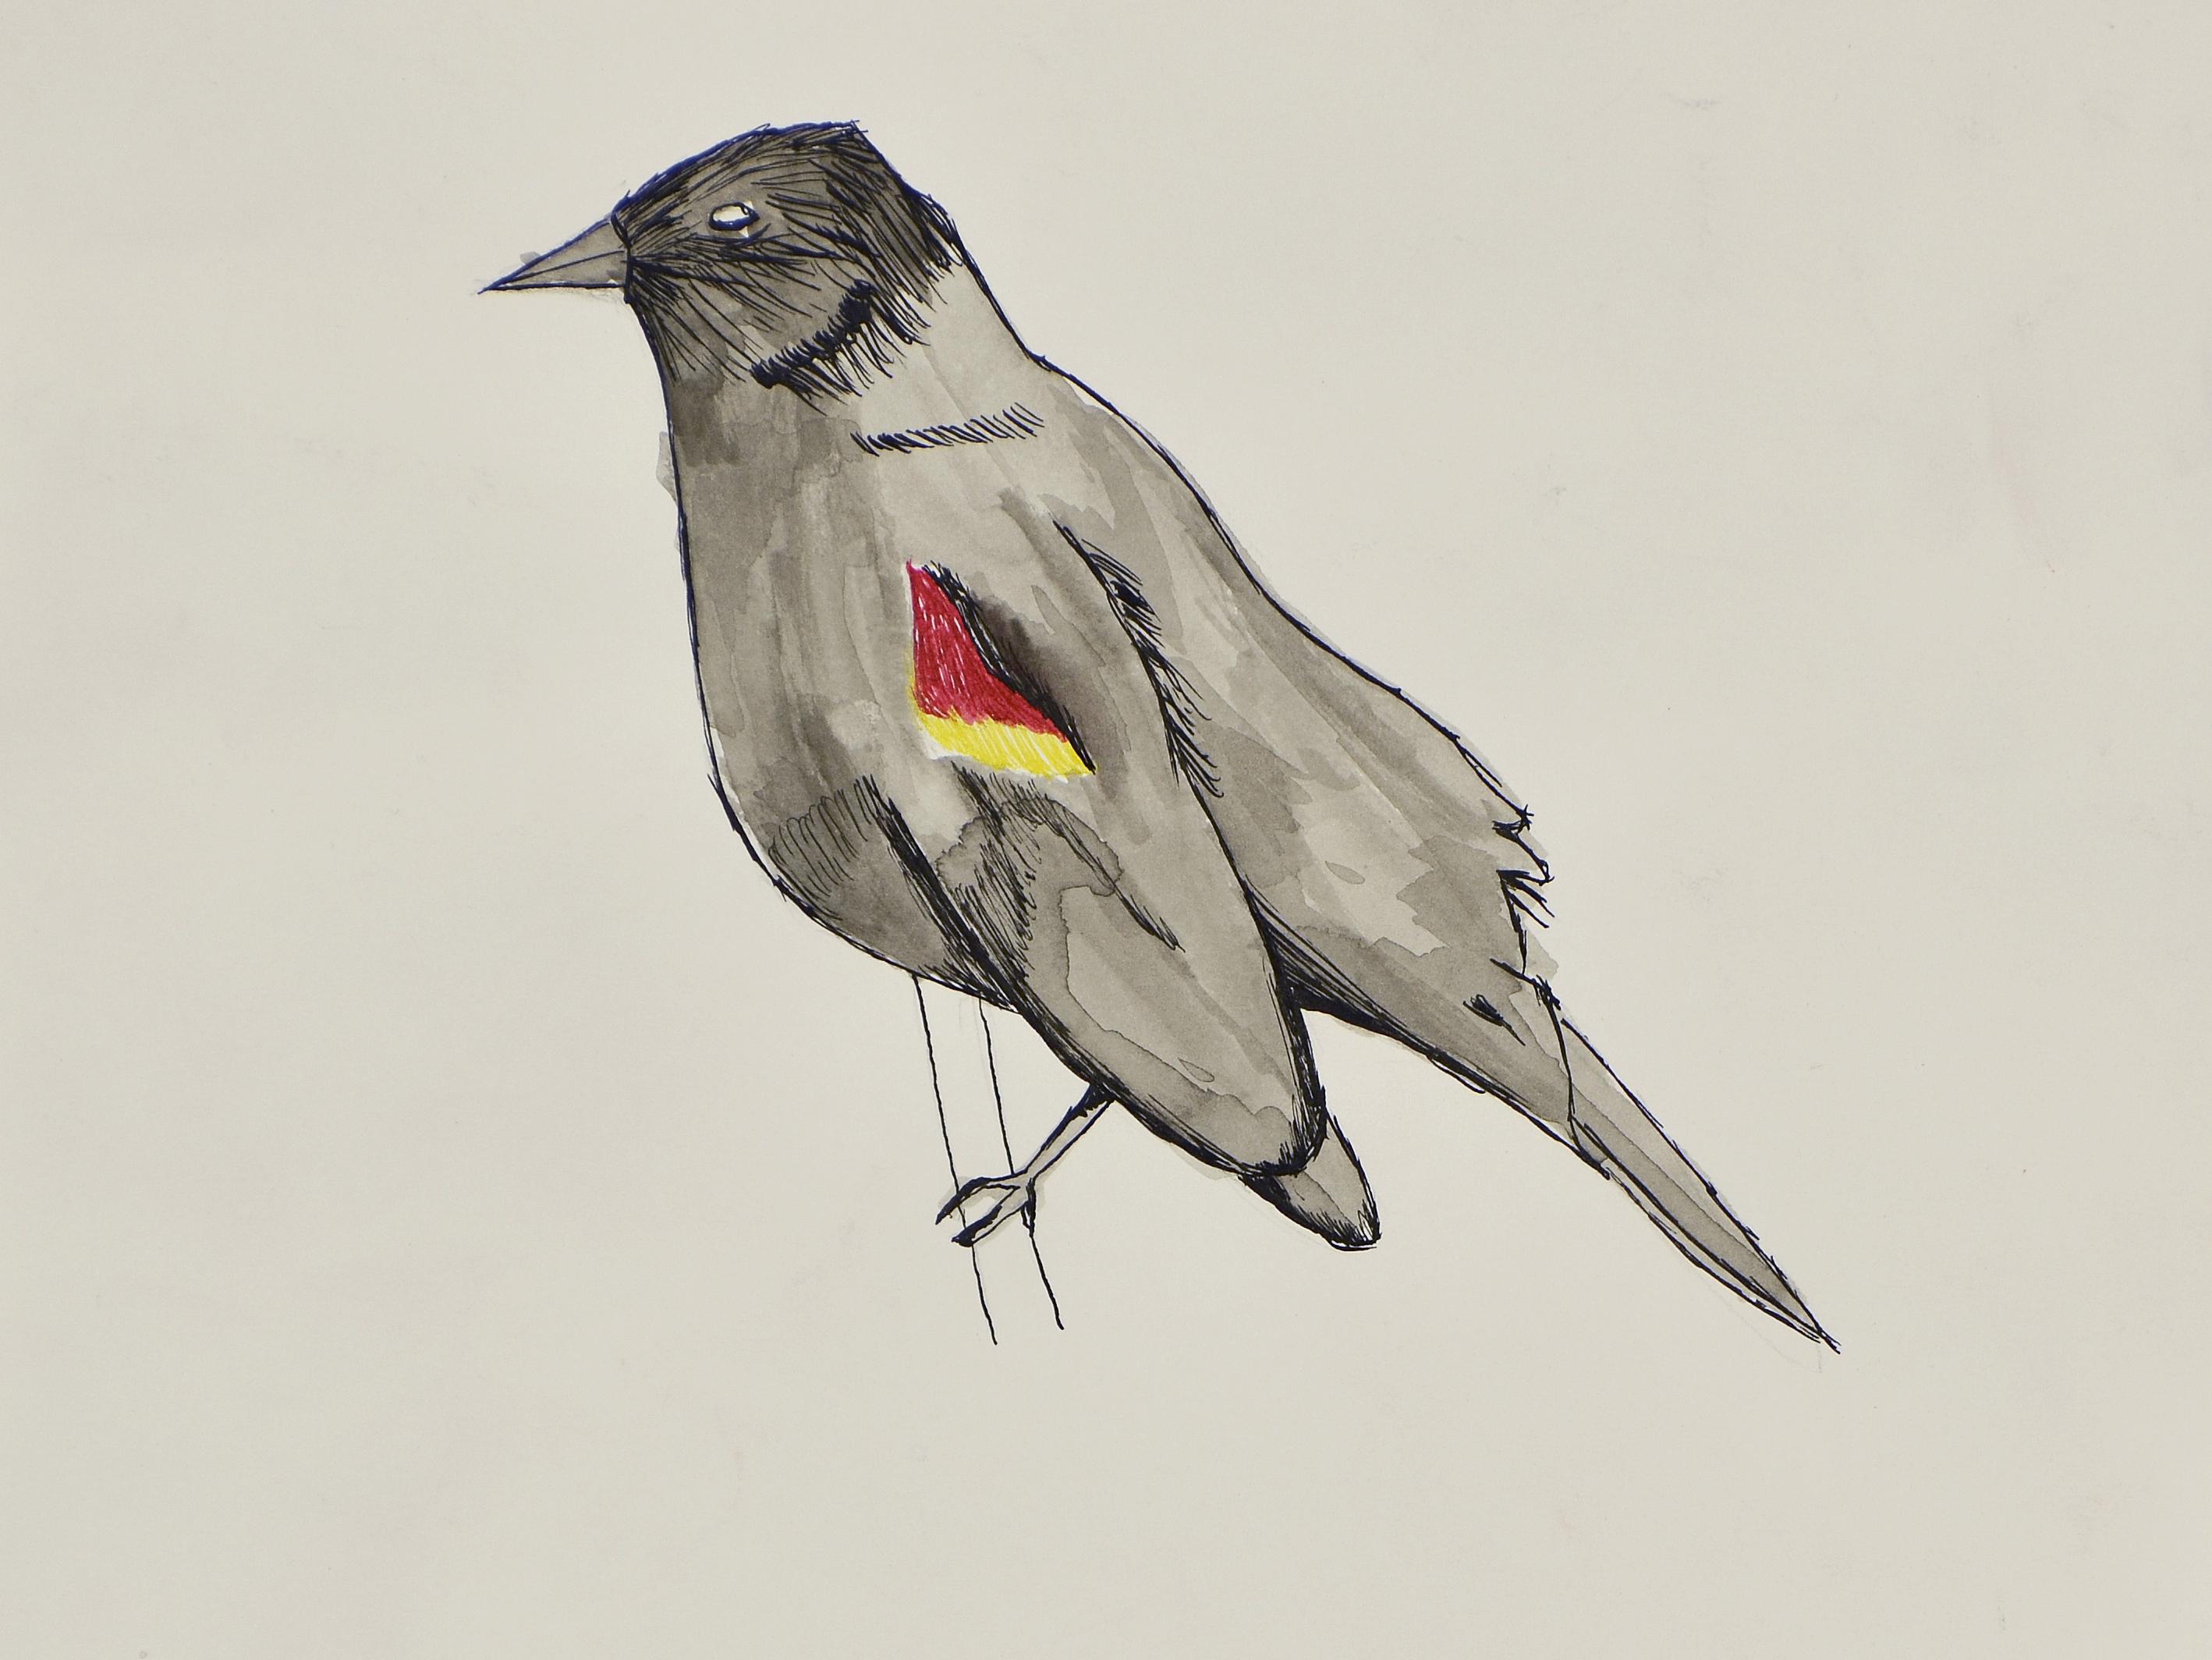 9876 || 2552 || Bird